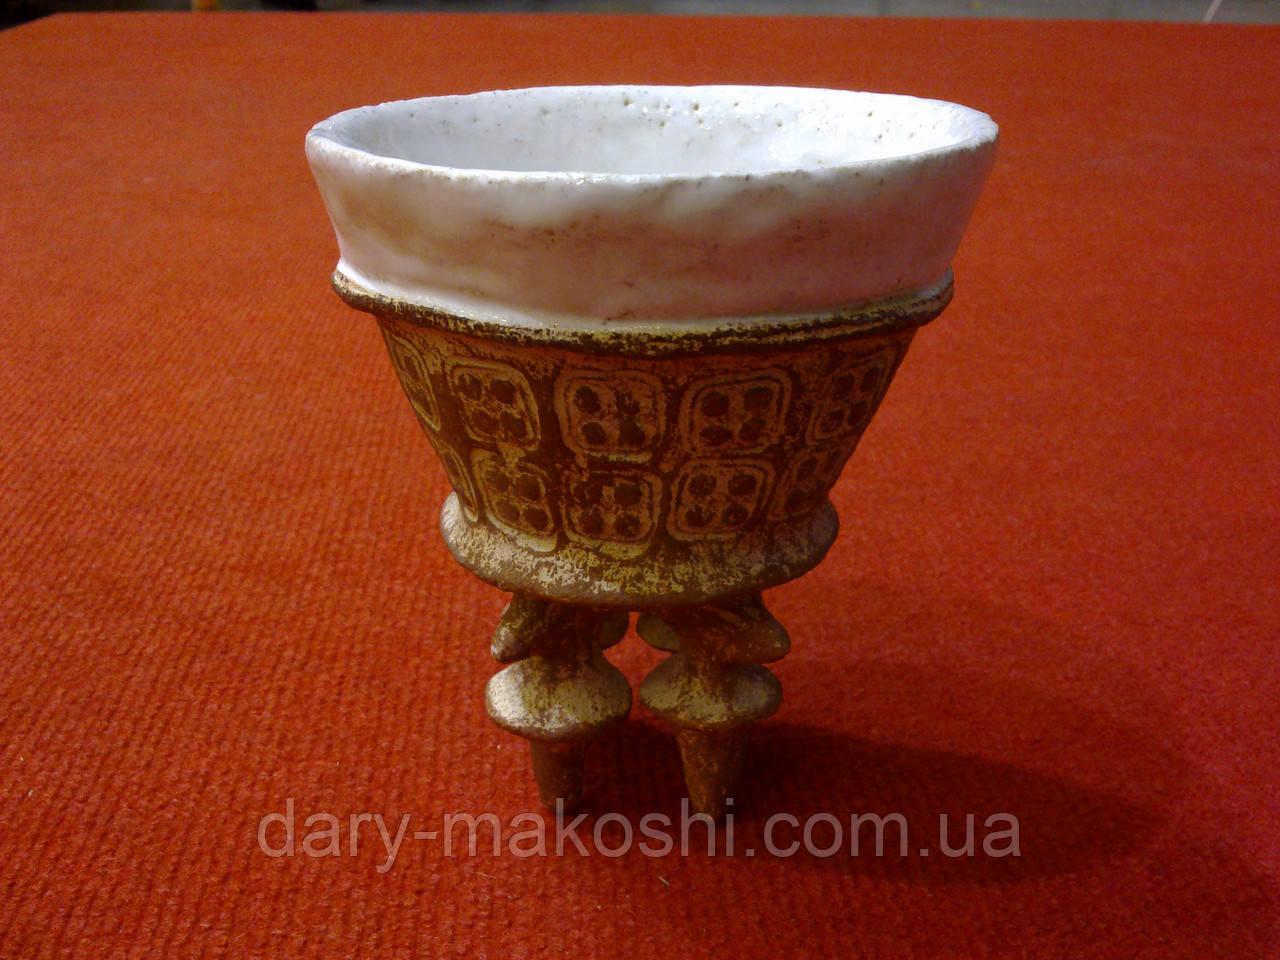 Чашка керамическая оригинальная на ножках